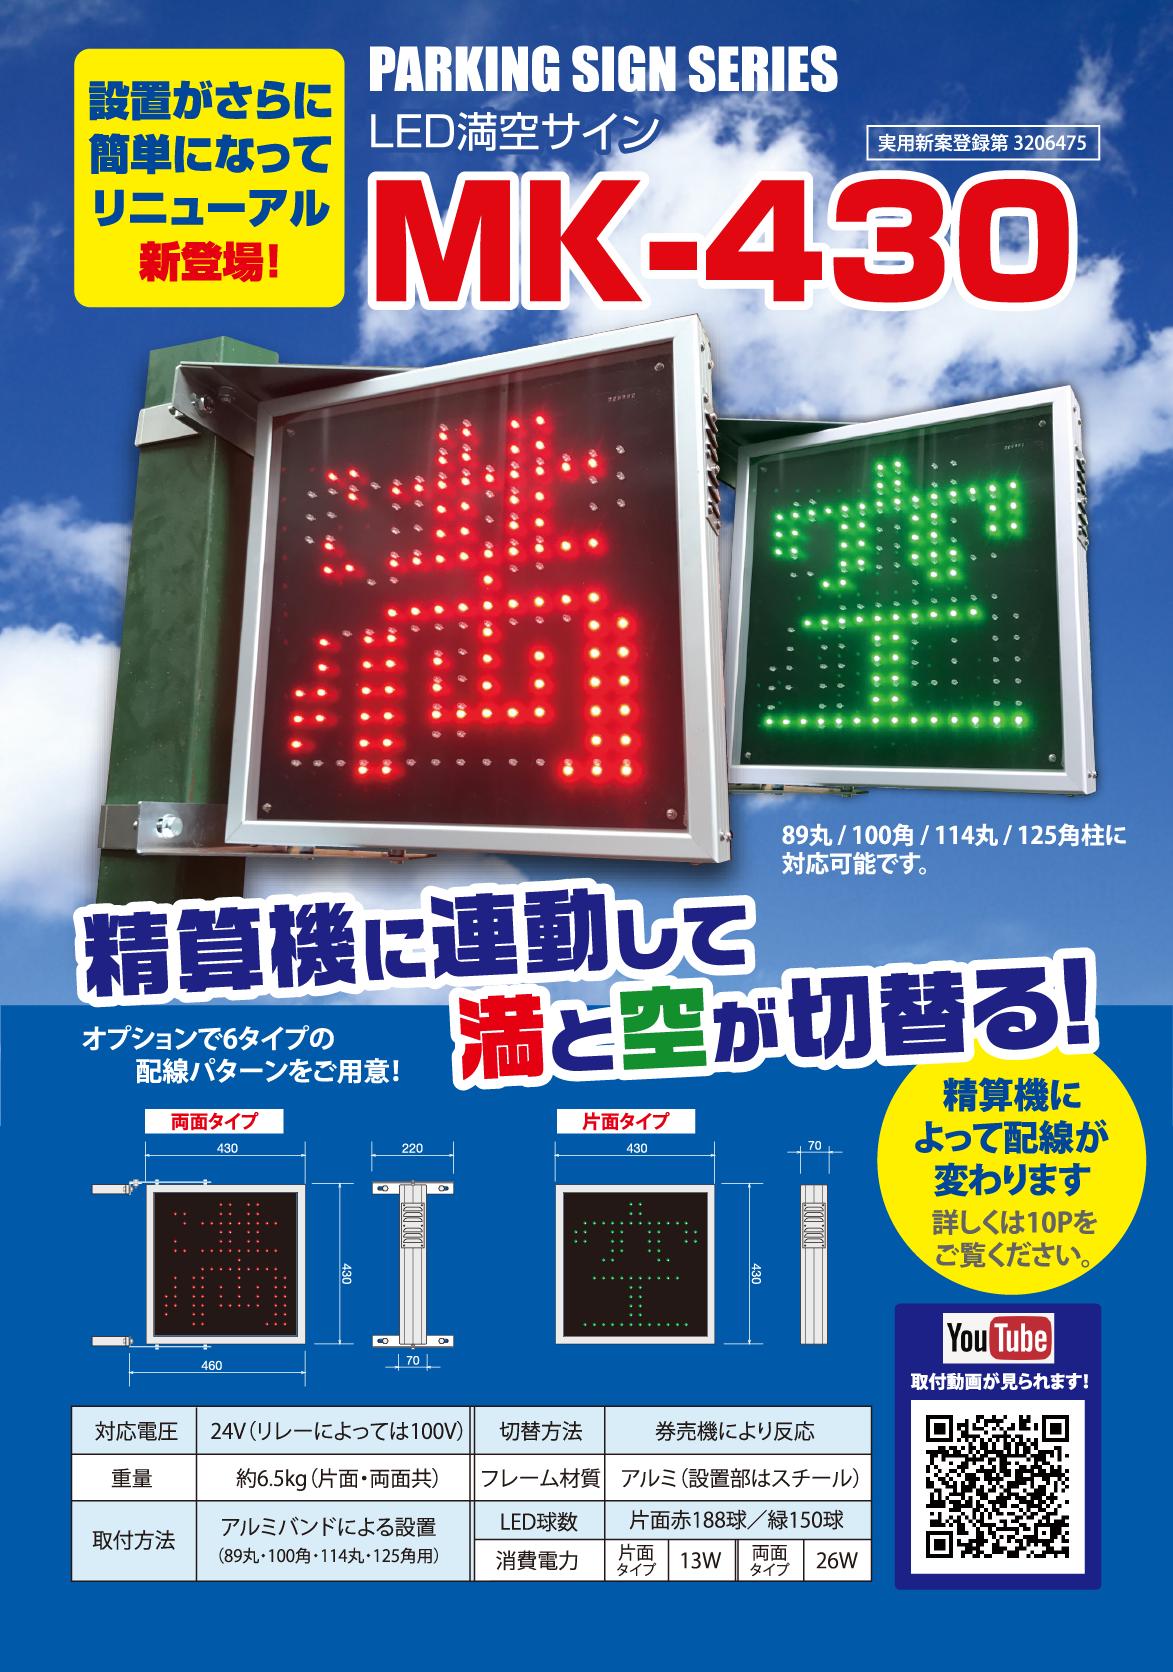 MK-430 高輝度な砲弾型LEDで視認性の高い満空表示器のご紹介画像です。